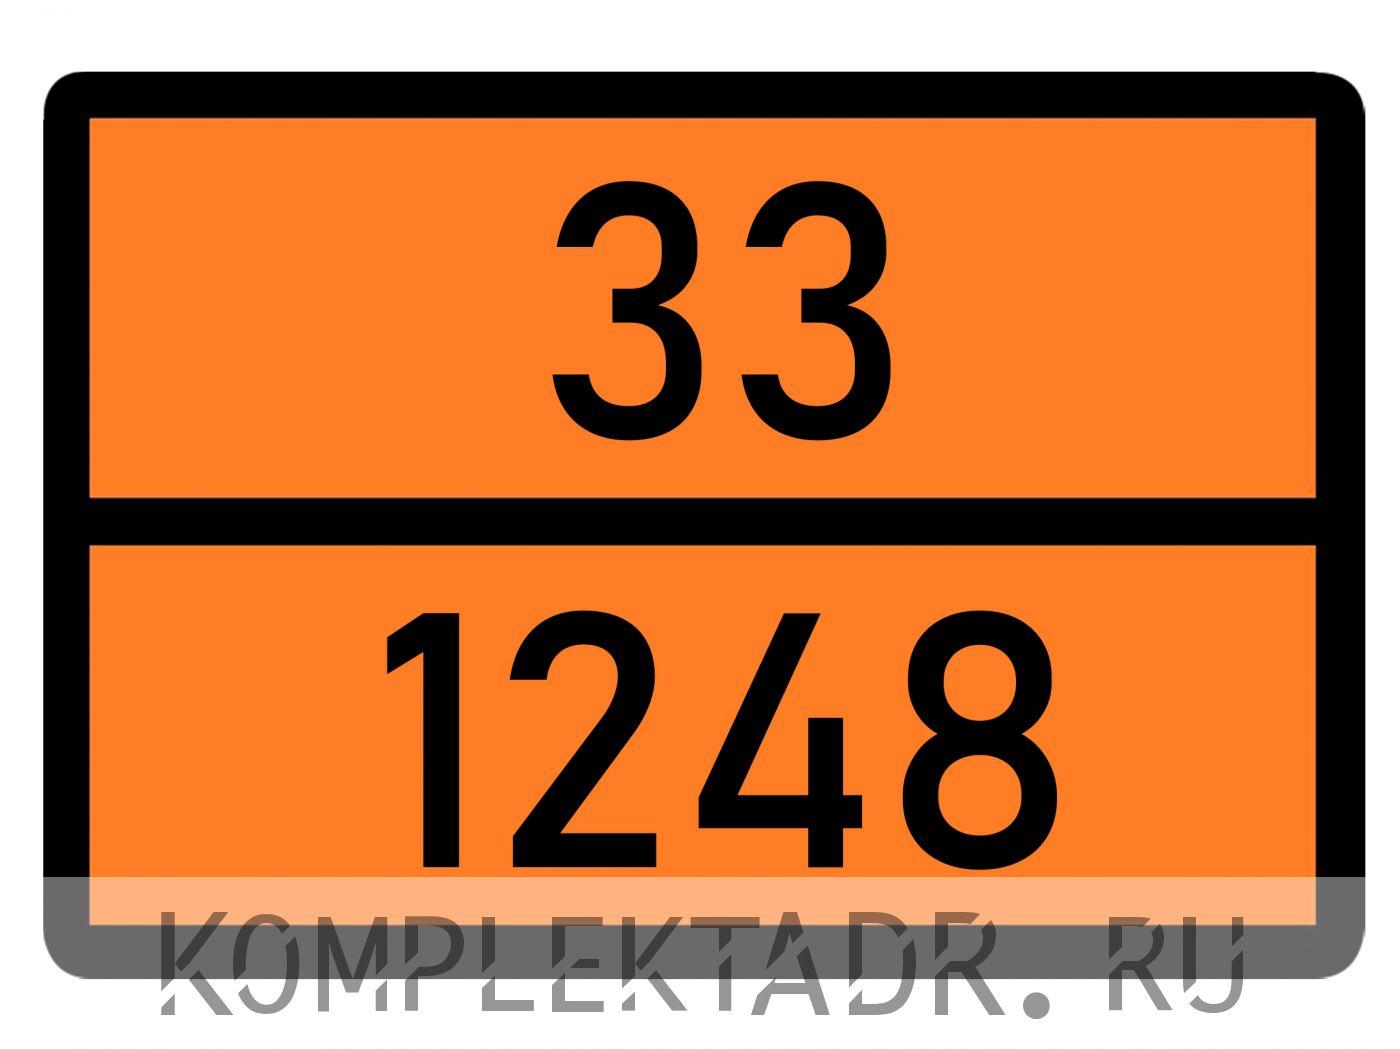 Табличка 33-1248